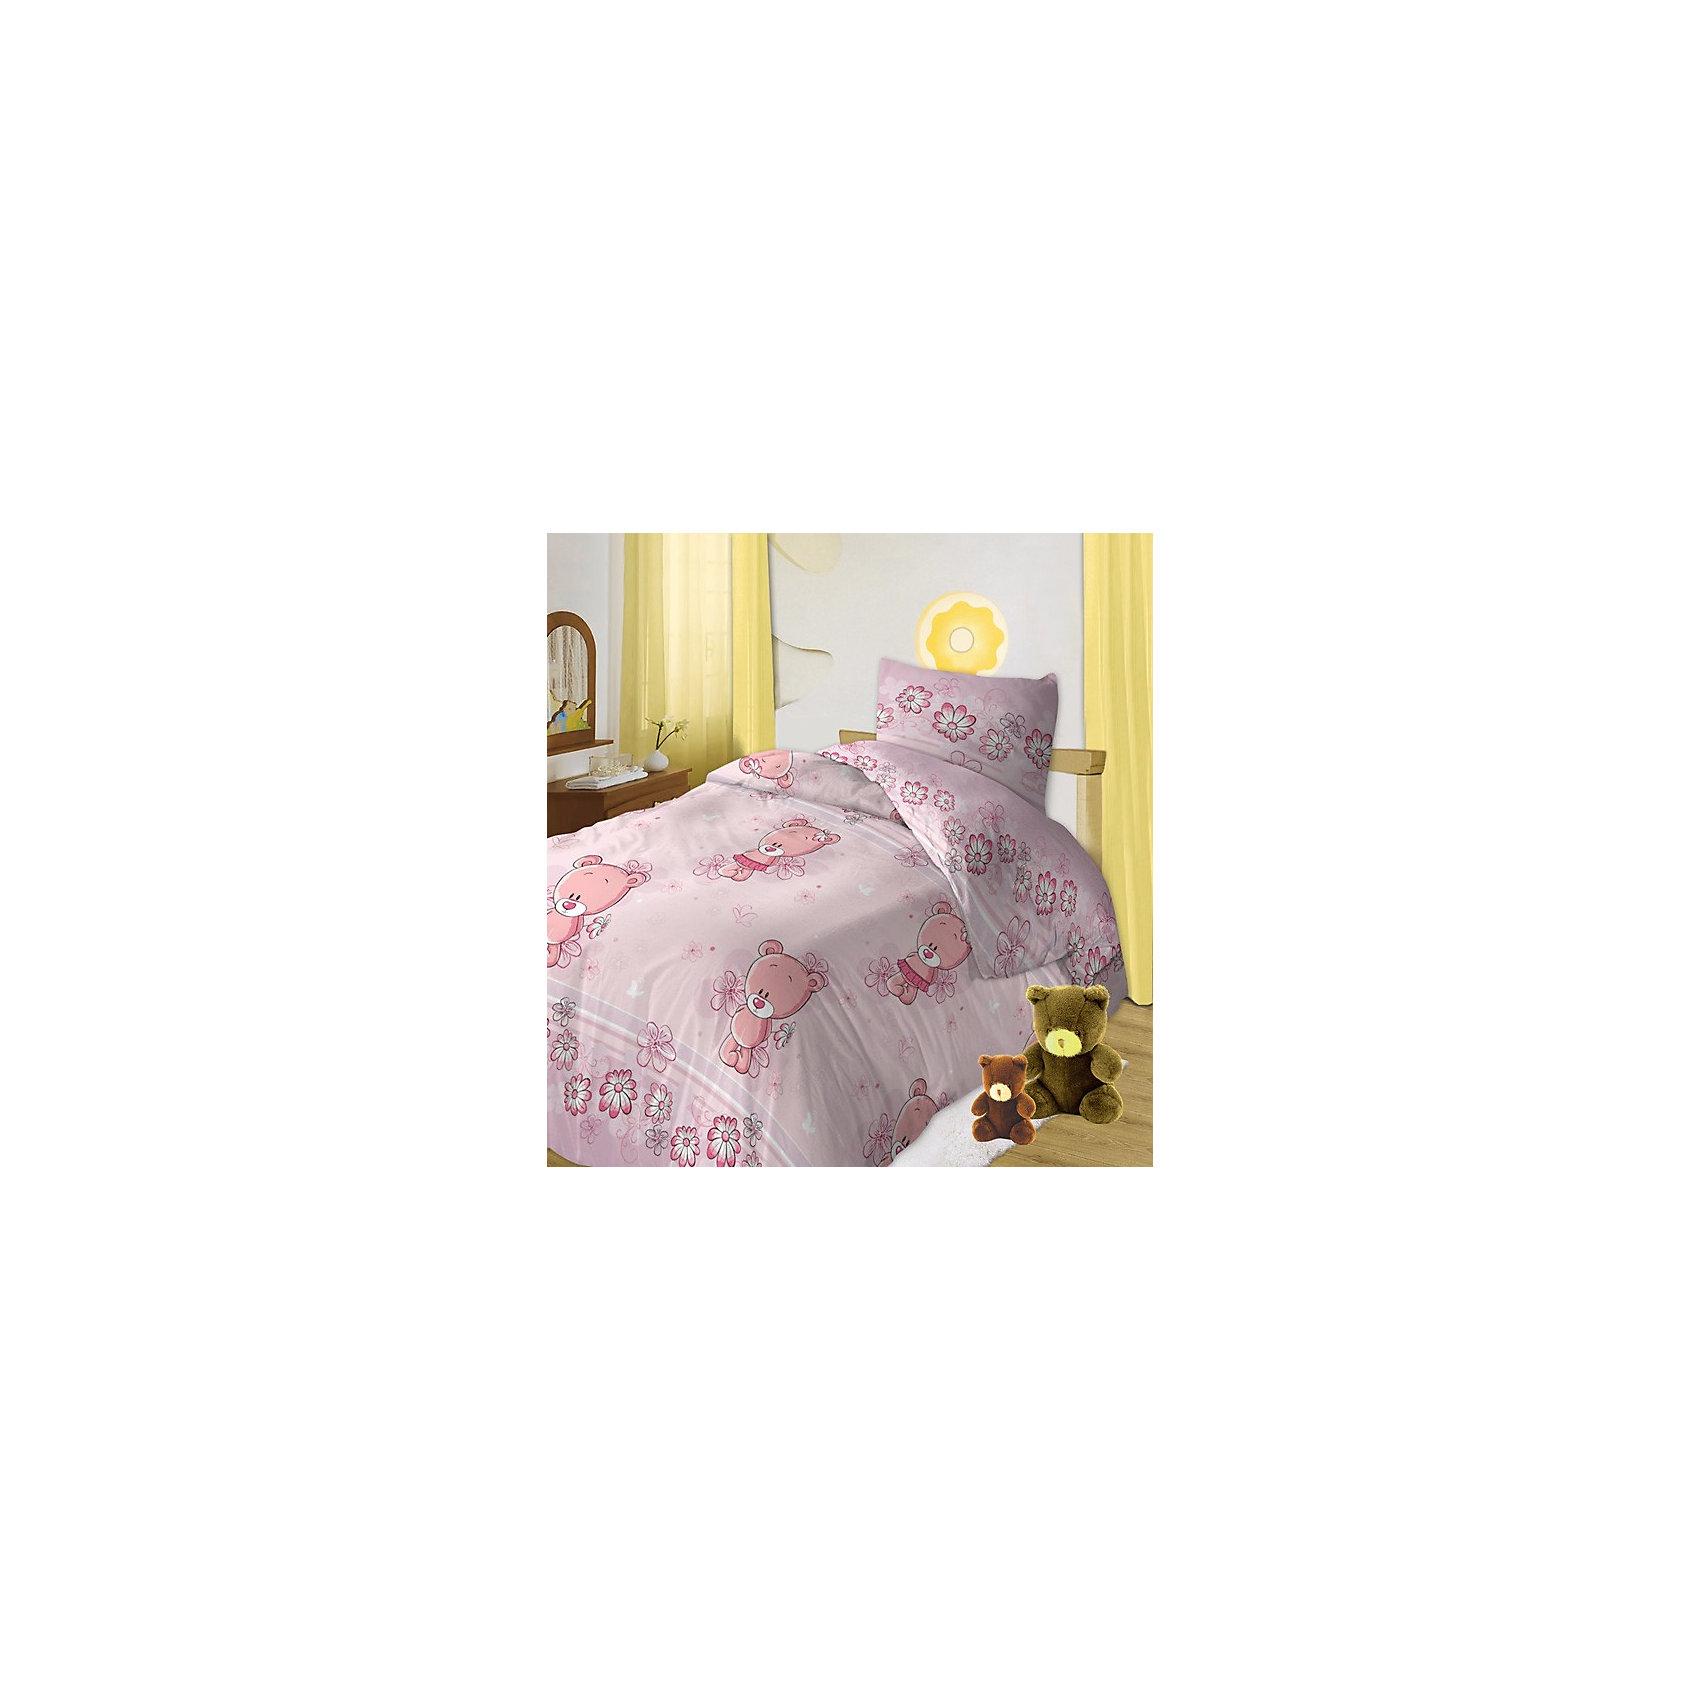 Детский комплект Мишутки, Кошки-МышкиПостельное бельё<br>Постельное белье детское Мишутки, Кошки-Мышки с изображением любимых героев подарит Вашему малышу самые приятные сны!<br><br>Постельное белье ТМ Кошки-мышки изготовлено исключительно из высококачественной бязи российского производства. В производстве используются качественные красители, что позволяет сохранять яркость цвета на протяжении всего времени эксплуатации изделий. Ткани не вызывают аллергических реакций, обладают высокой гигроскопичностью и воздухопроницаемостью. Создание коллекций с использованием дизайнов Российских художников. Вся продукция имеет стильную, удобную и уникальную упаковку, которая в свое время обеспечивает сохранность продукции в процессе ее транспортировки и хранения. Ткани и готовые изделия производятся на современном импортном оборудовании и отвечают европейским стандартам качества. <br><br>Дополнительная информация:<br>Материал: бязь.<br>Размеры простыни: 150х110 см - 1 шт. <br>Размеры пододеяльника: 147х112 см - 1 шт. <br>Размеры наволочки: 40х60 см - 1 шт.<br><br>Красочные дизайны и яркие цветовые решения вызовут у Вашего ребенка бурю положительных эмоций!<br><br>Ширина мм: 240<br>Глубина мм: 260<br>Высота мм: 50<br>Вес г: 800<br>Возраст от месяцев: 36<br>Возраст до месяцев: 120<br>Пол: Женский<br>Возраст: Детский<br>SKU: 3320142